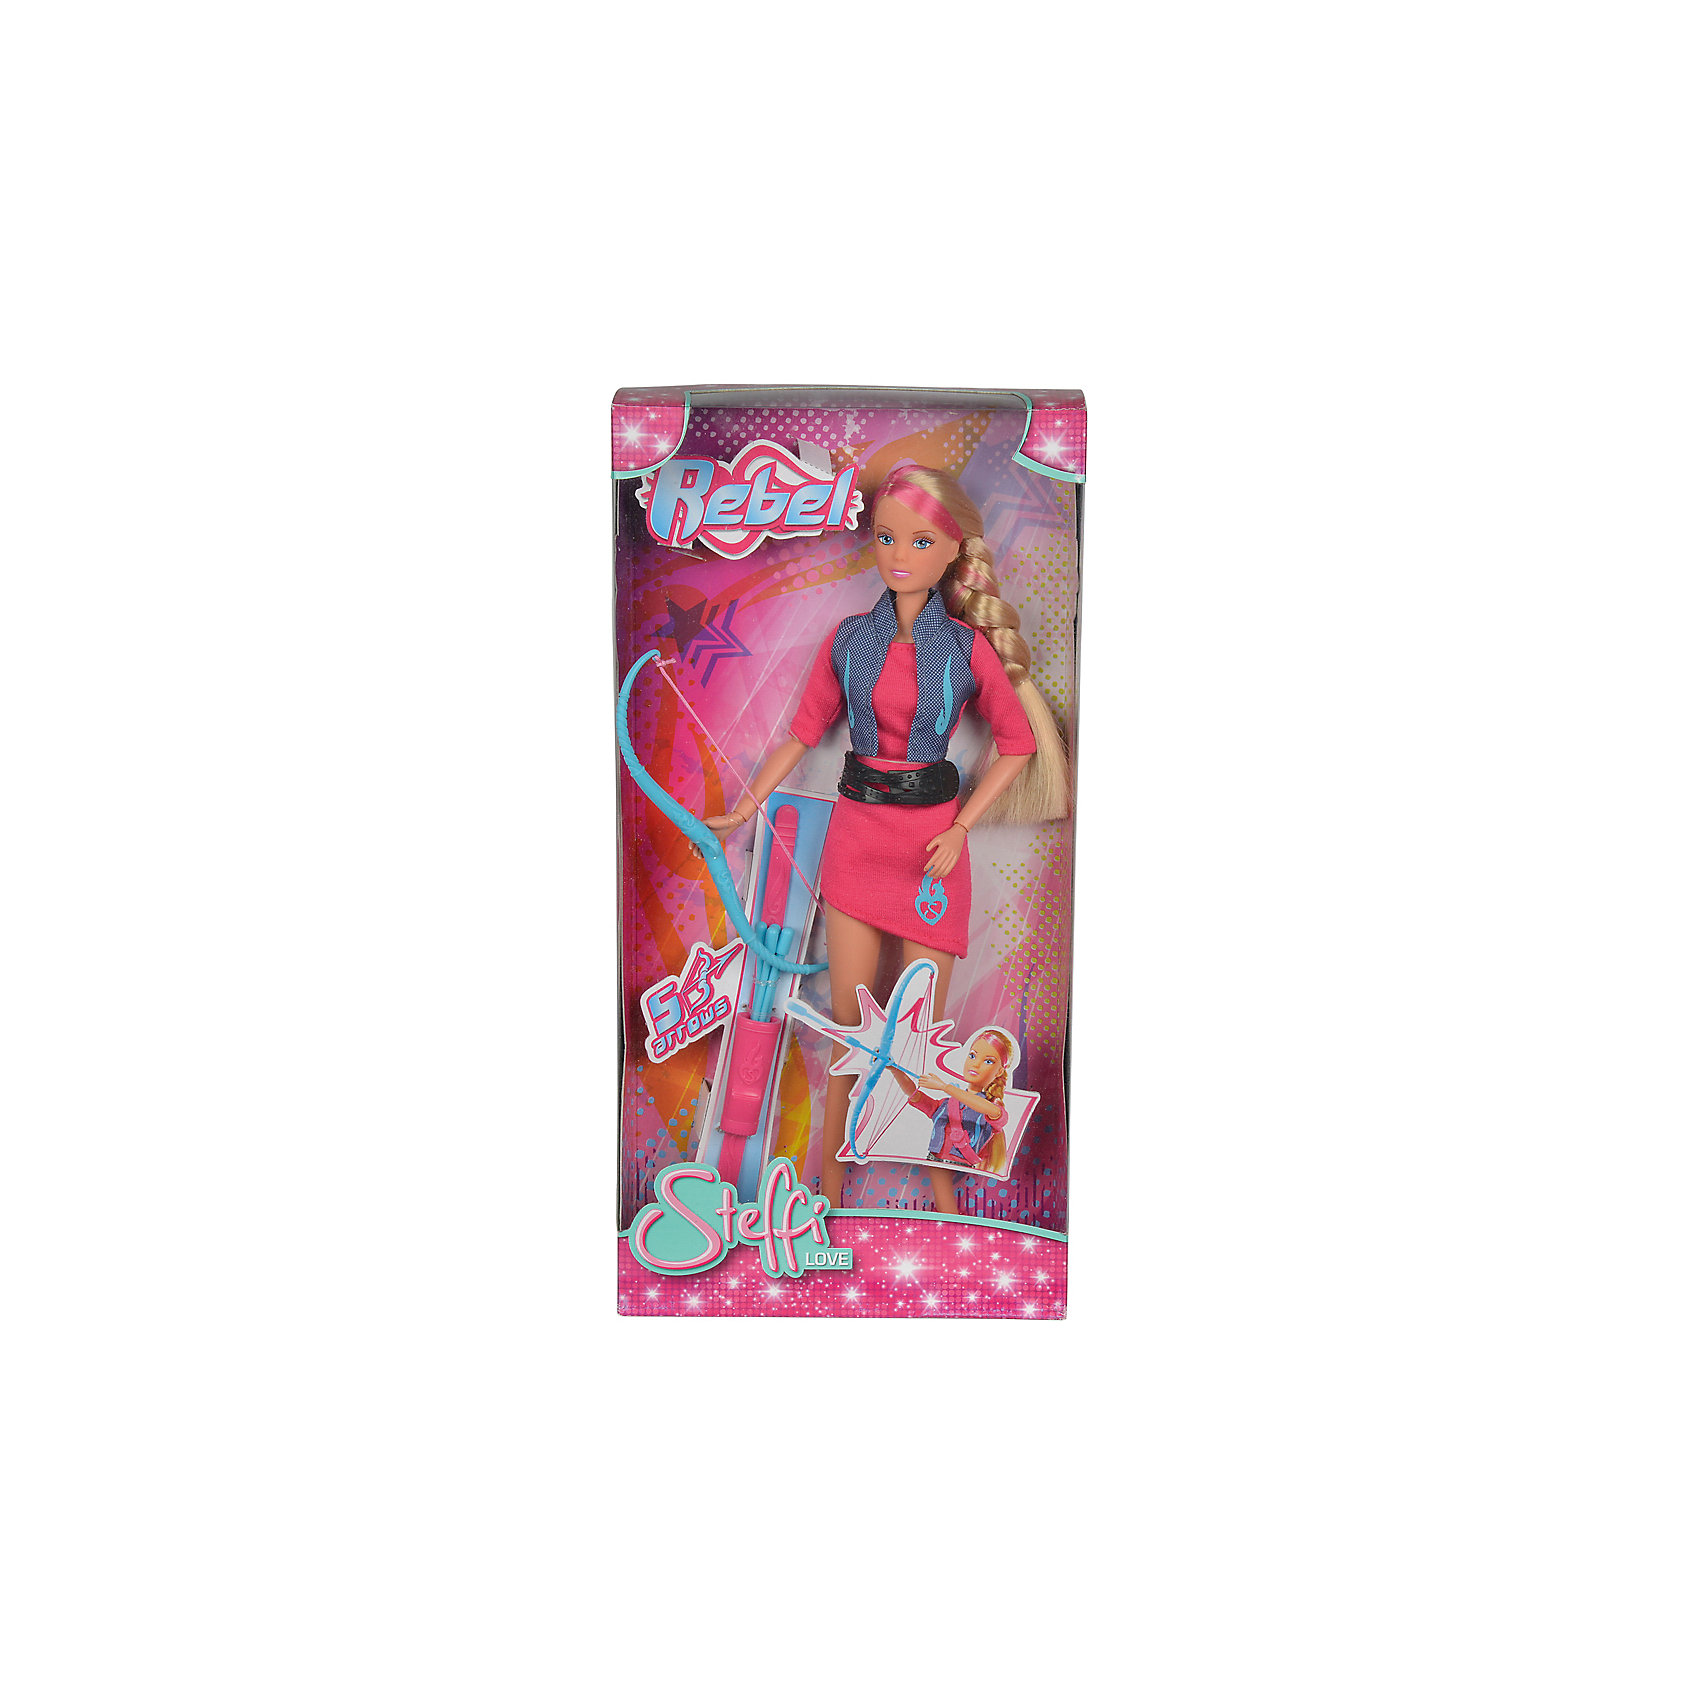 Кукла Штеффи-мятежный дух, 29 см, SimbaХарактеристики:<br><br>• высота куклы: 29 см<br>• серия: Steffi Love;<br>• аксессуары: лук и колчан со стрелами;<br>• материал: пластик, текстиль;<br>• размер упаковки: 35х8х8 см.<br><br>Кукла Штеффи выходит на тропу войны. Вооружившись луком, Штеффи выбирает цель и метит точно в яблочко. Одета вожак воинственного племени соответствующим моднице образом: платьице и жакет, ботиночки.<br><br>Куклу Штеффи-мятежный дух, 29 см, Simba можно купить в нашем магазине.<br><br>Ширина мм: 110<br>Глубина мм: 90<br>Высота мм: 220<br>Вес г: 100<br>Возраст от месяцев: 36<br>Возраст до месяцев: 120<br>Пол: Женский<br>Возраст: Детский<br>SKU: 5258968